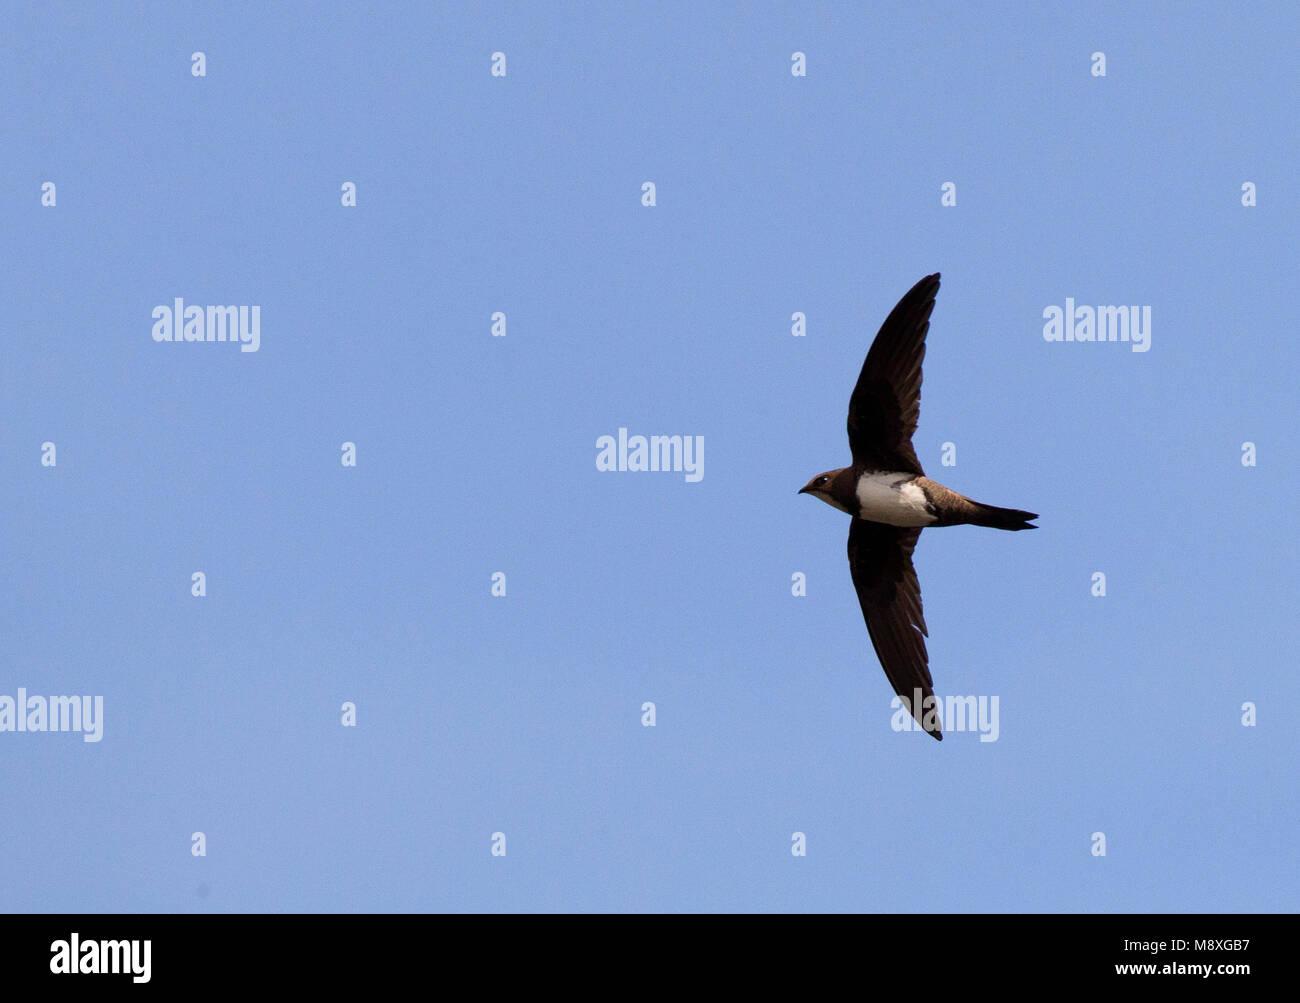 Alpengierzwaluw, Apline Swift - Stock Image